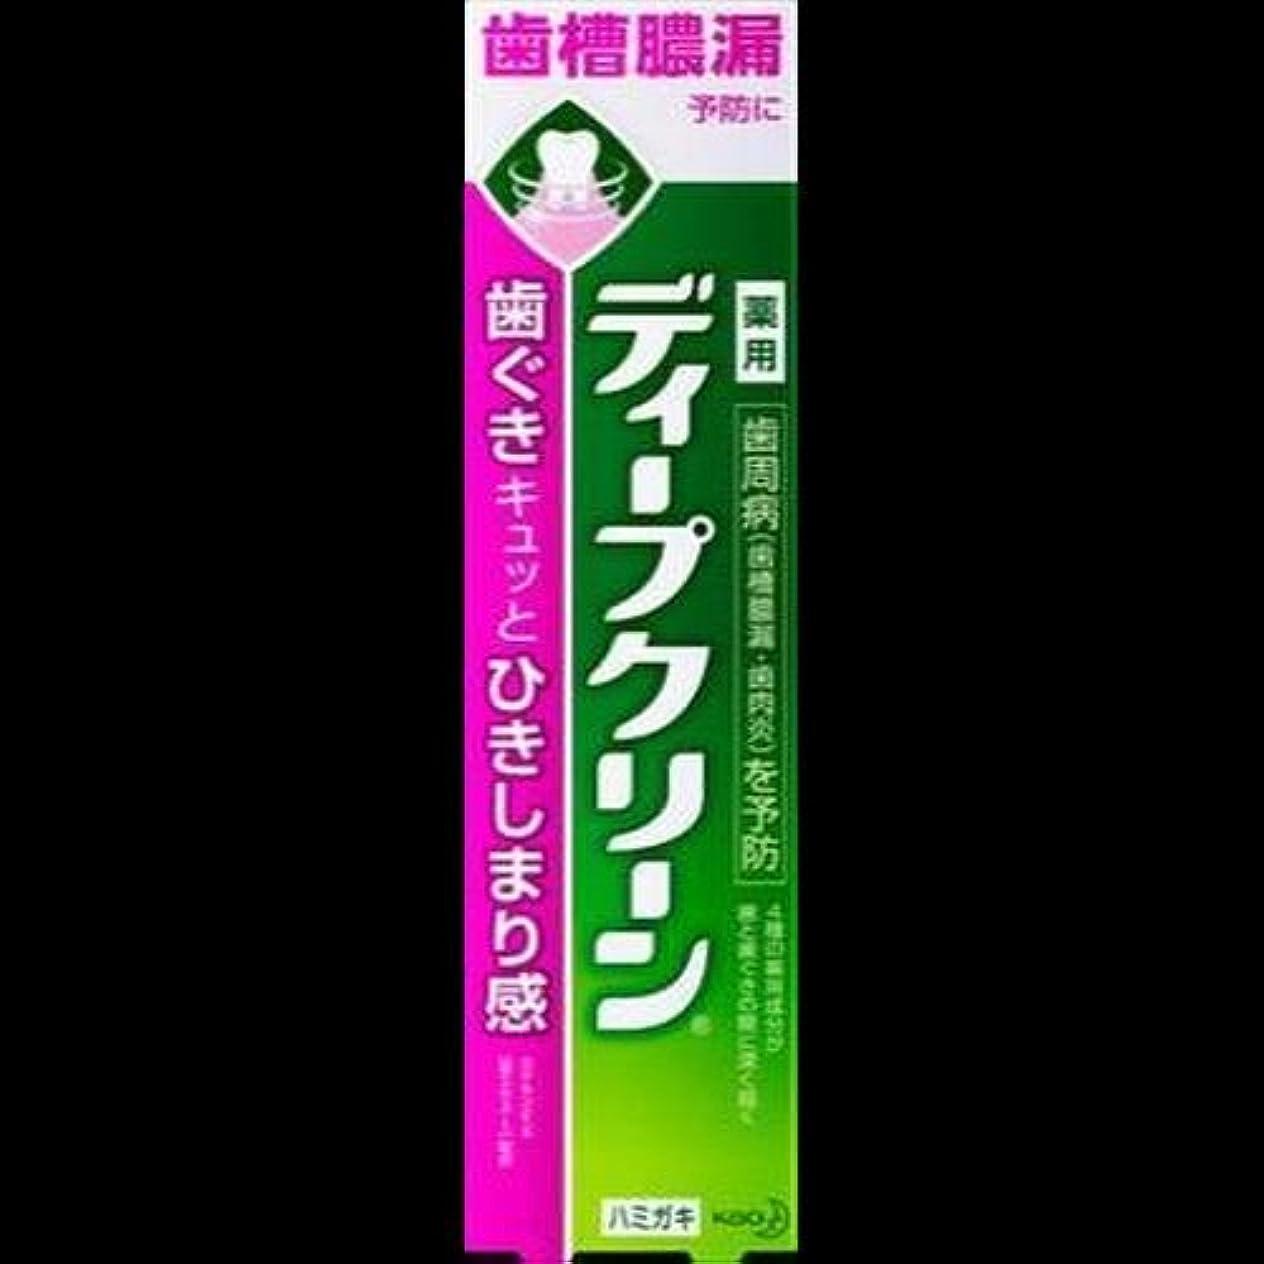 エンディングアンタゴニスト書く【まとめ買い】ディープクリーン 薬用ハミガキ 100g ×2セット